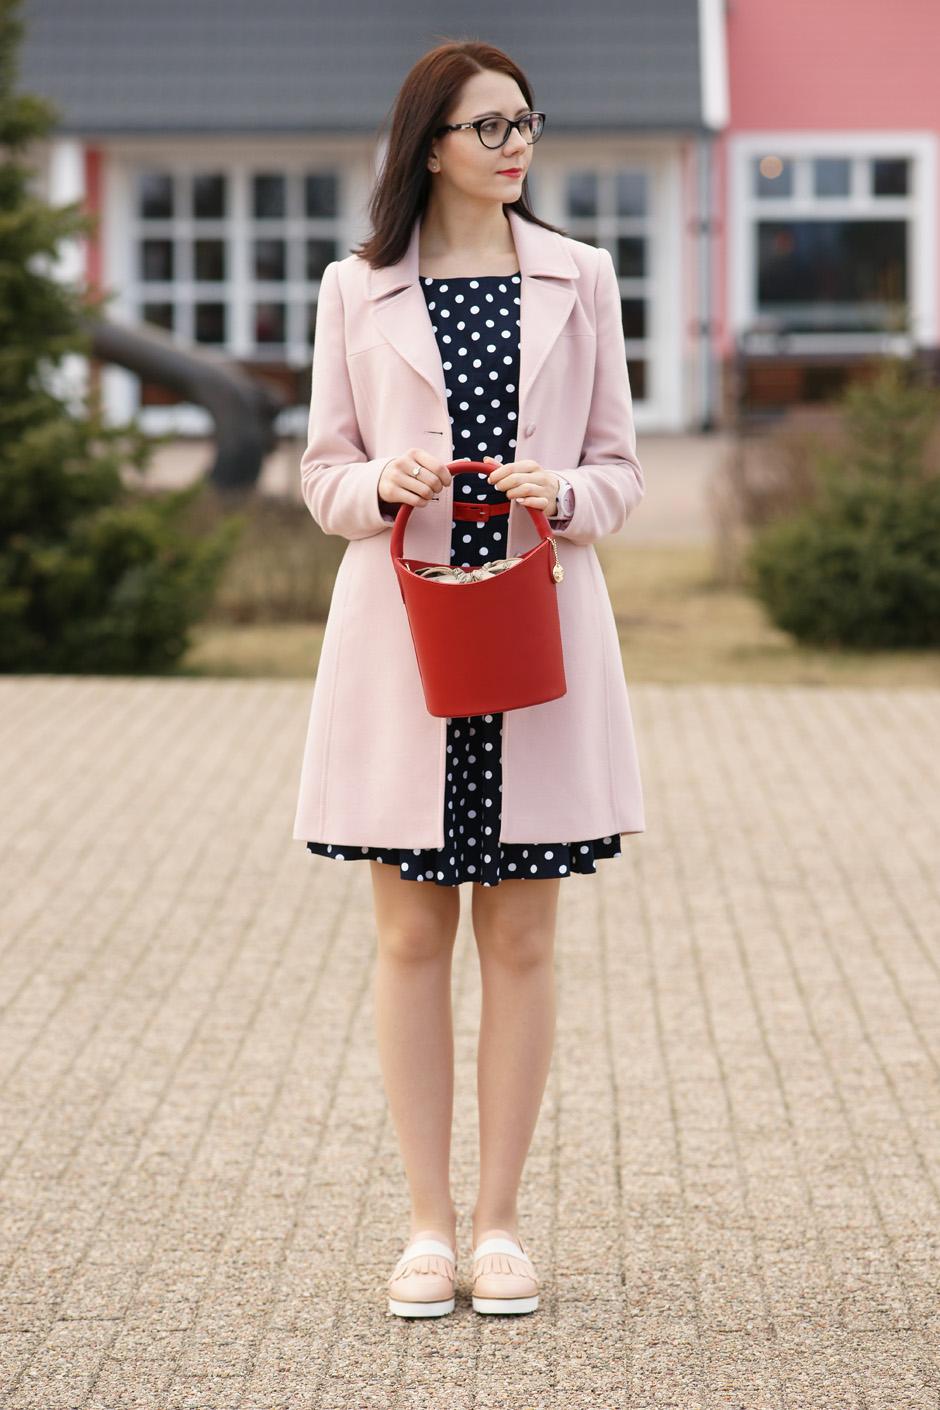 pudrowy płaszcz, sukienka w groszki stylizacja innooka (4)